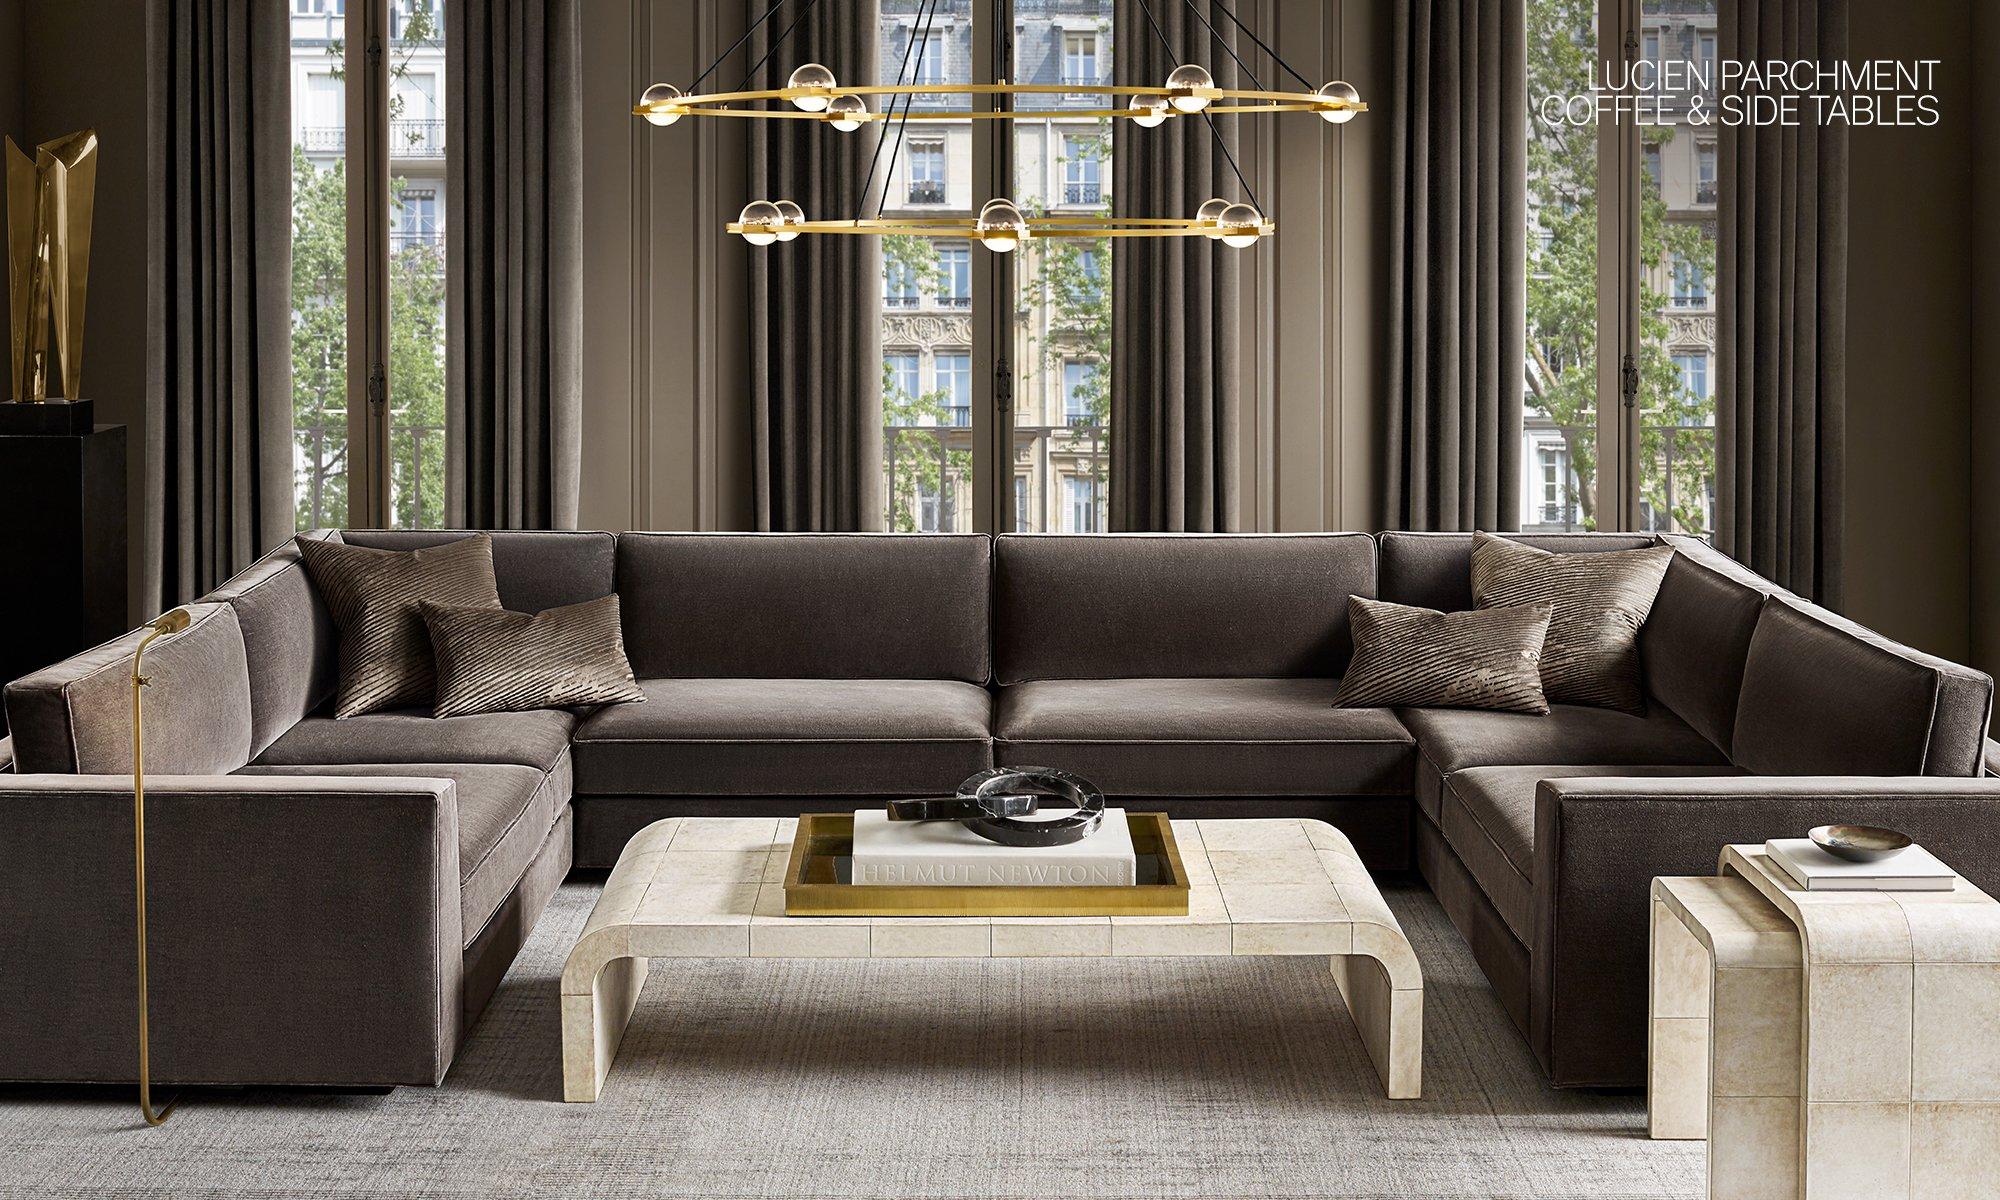 restoration-hardware-Top-10-Expensive-Furniture-Brands